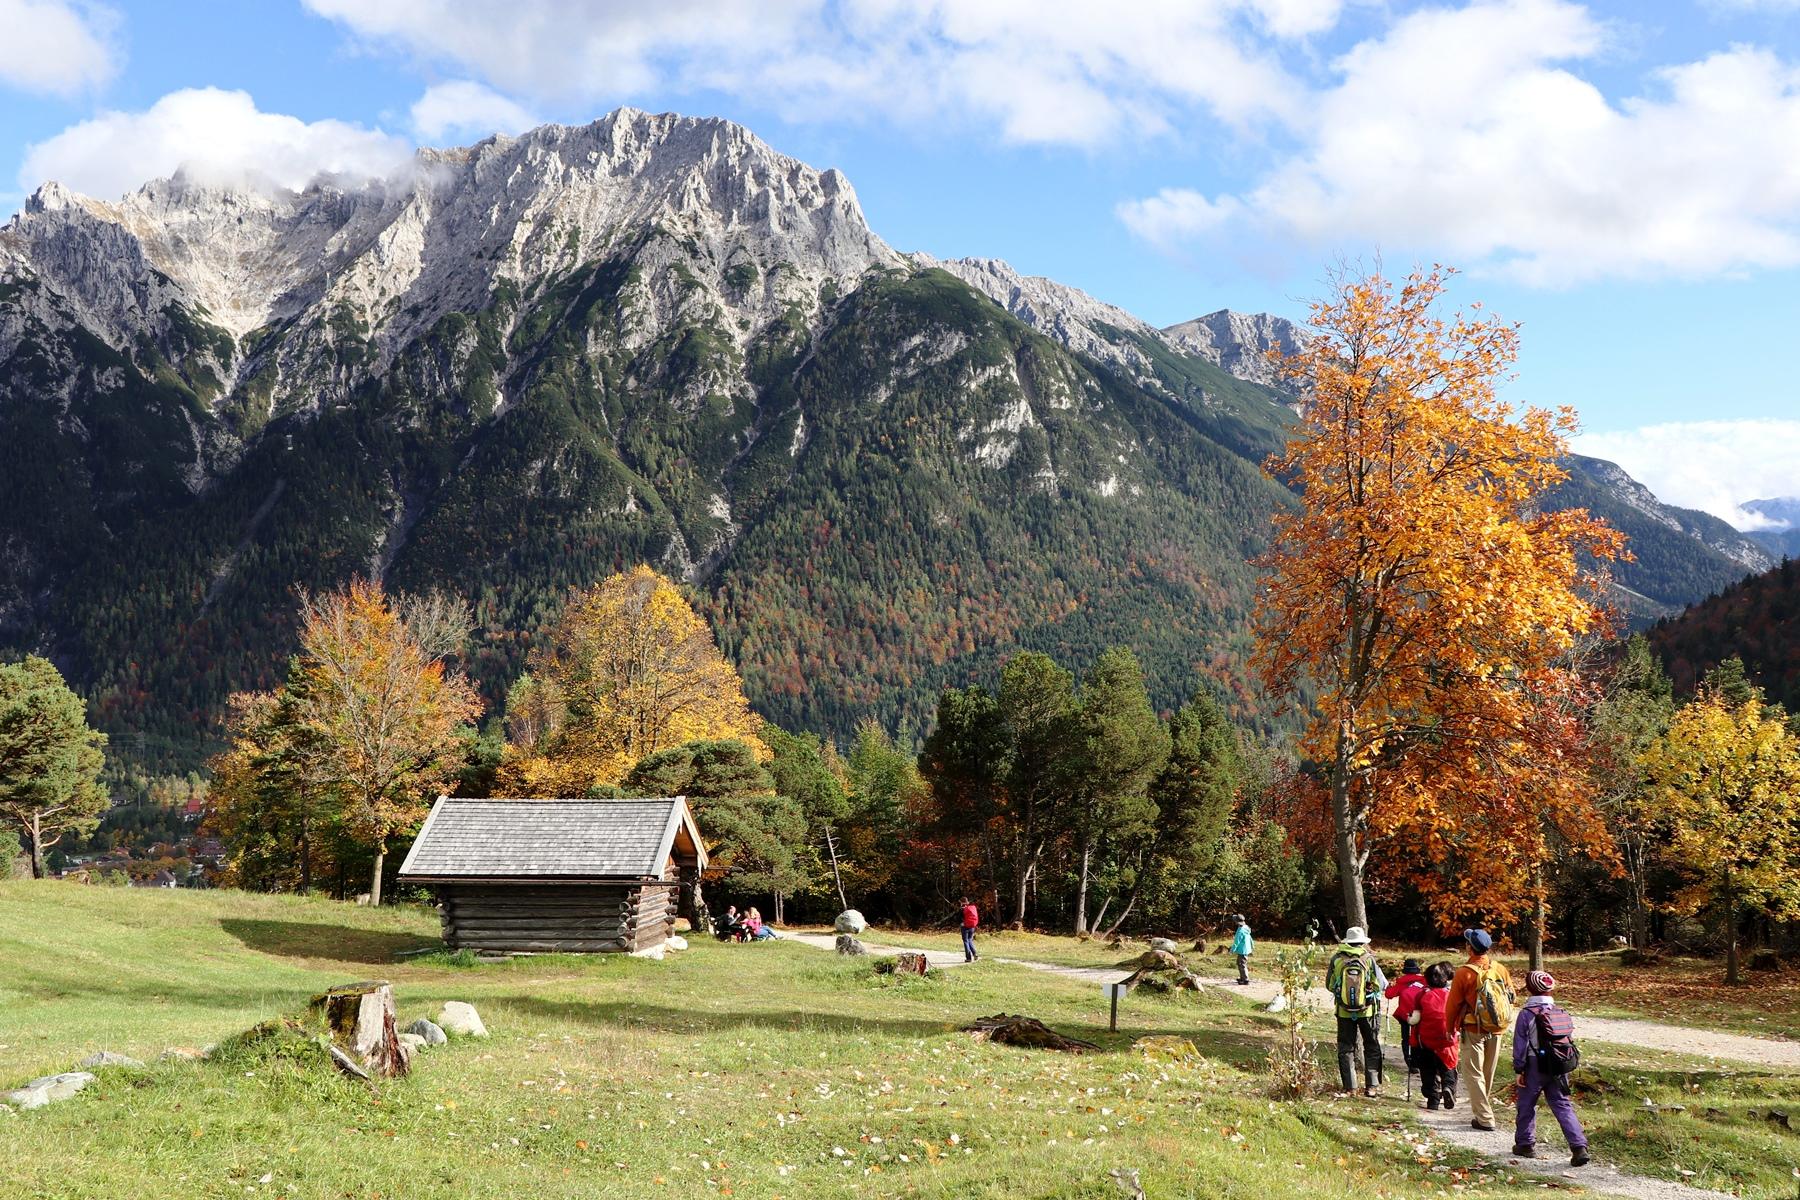 【催行決定・残席僅か】9月26日出発 ドイツ・バイエルン・アルプス・ハイキングと歩いて楽しむロマンチック街道 8日間